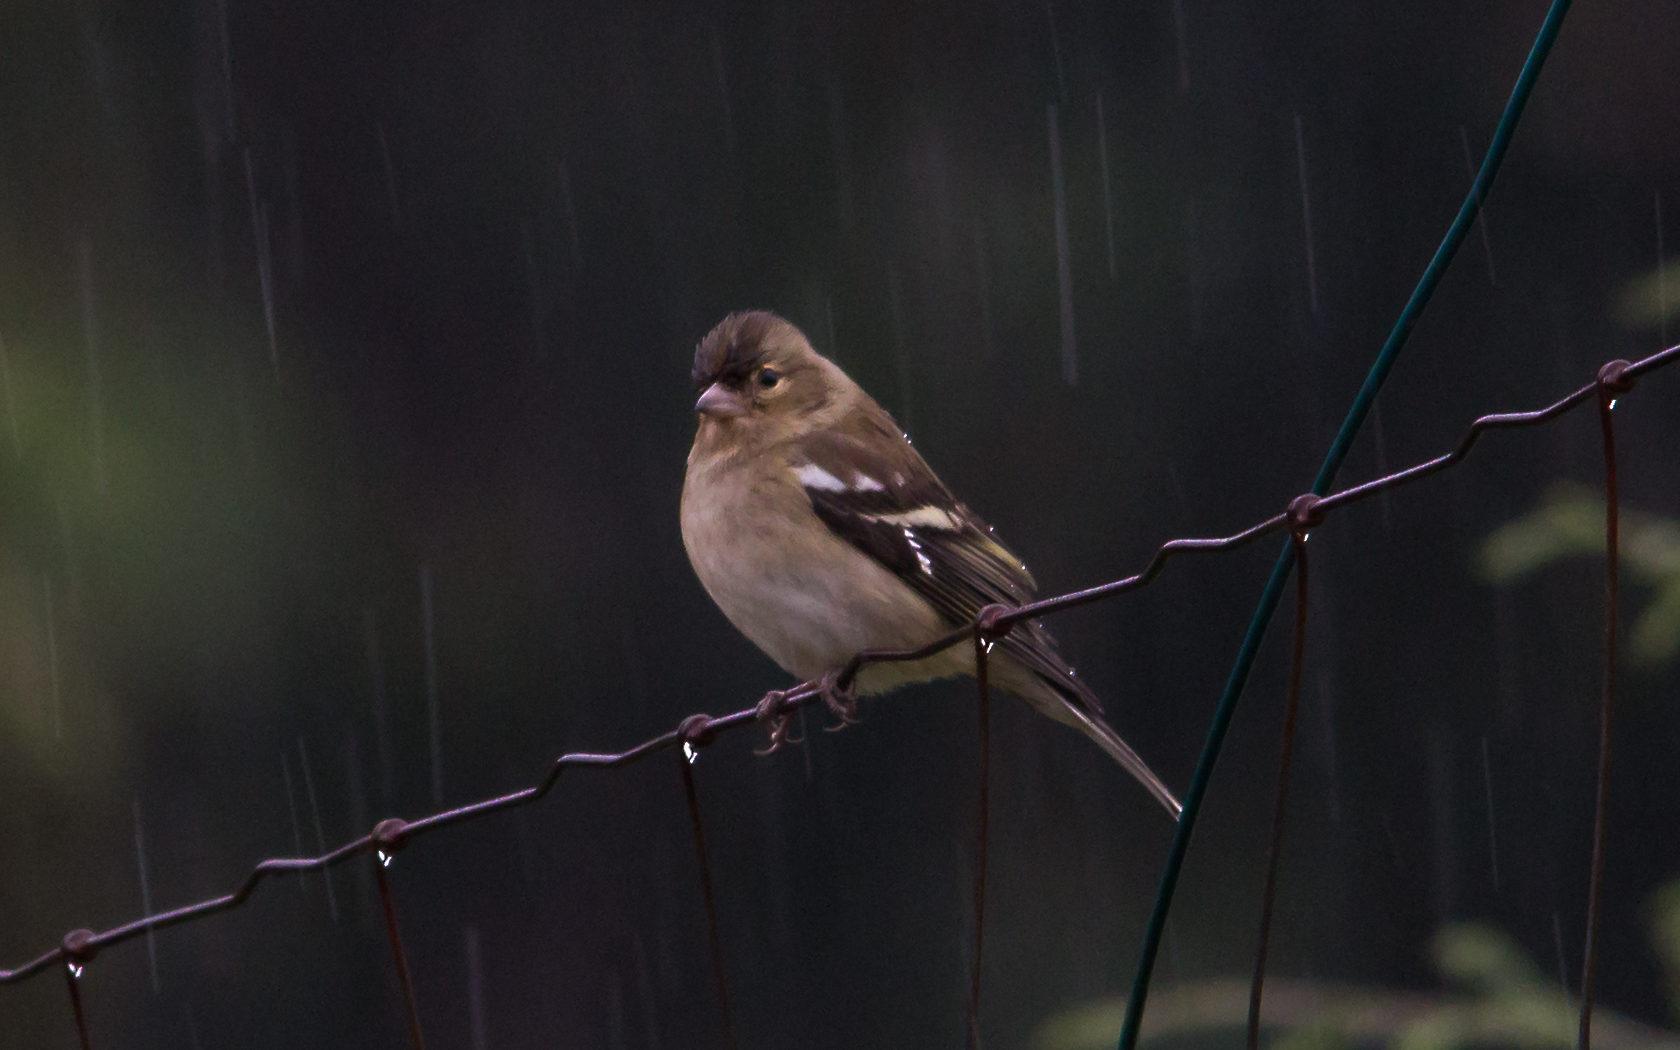 Natte vogel in de regen